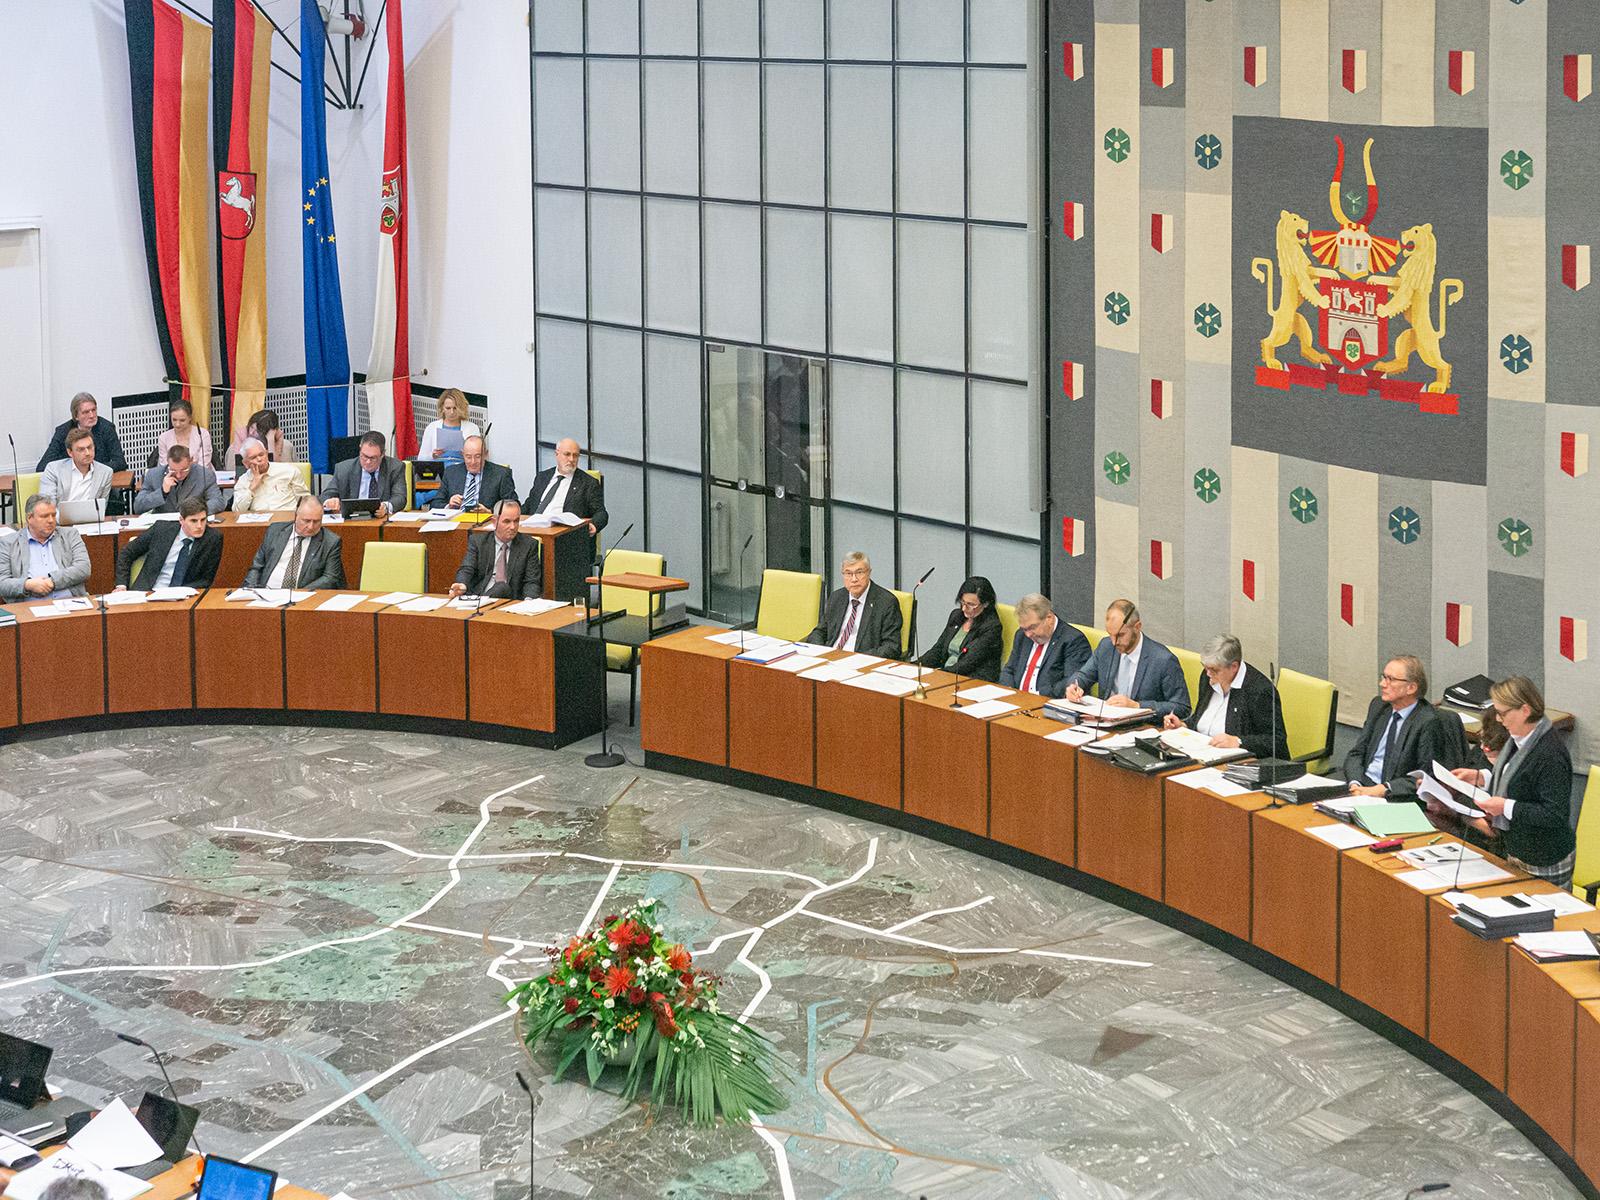 Blick in die Ratssitzung am 28. November 2019